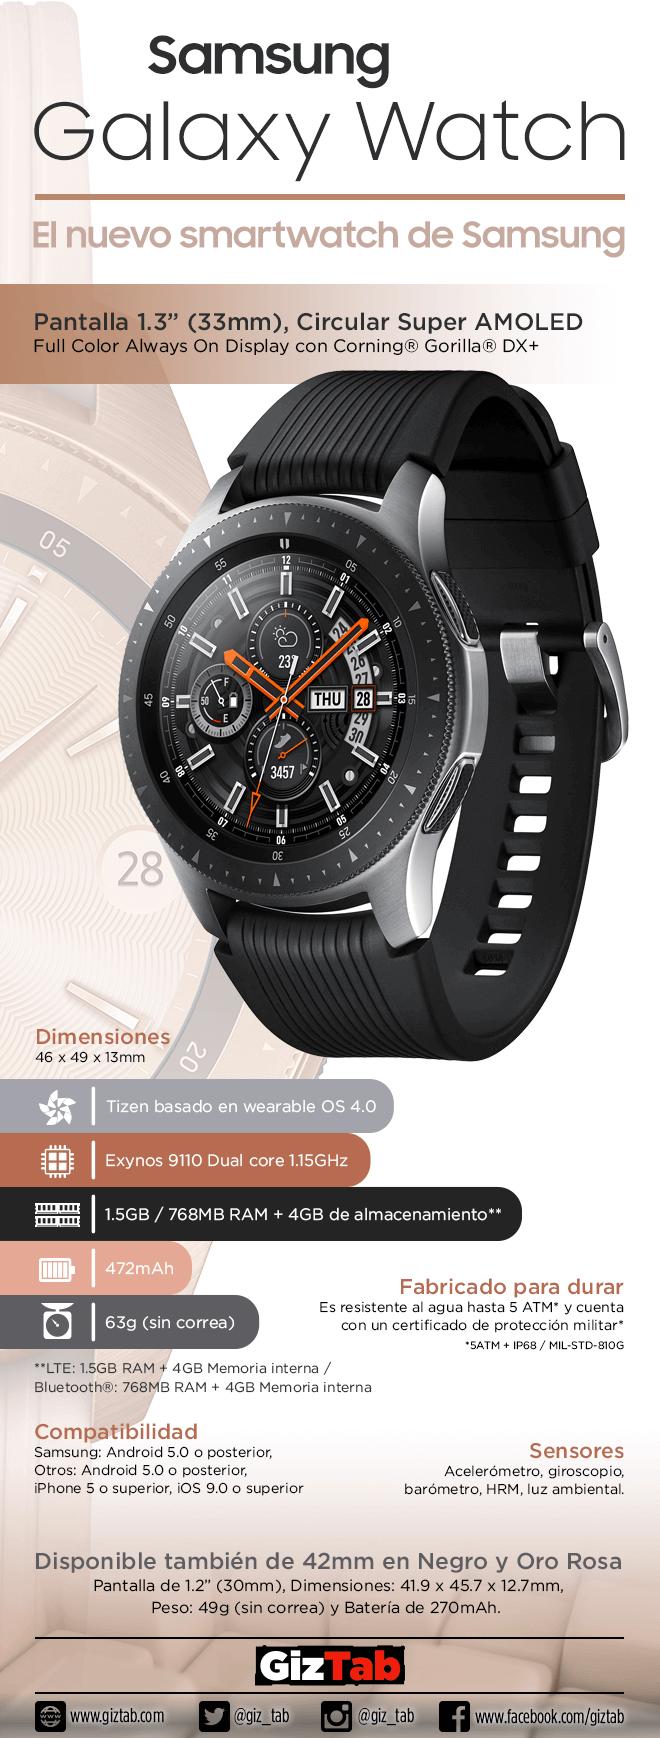 Principales características del Galaxy Watch